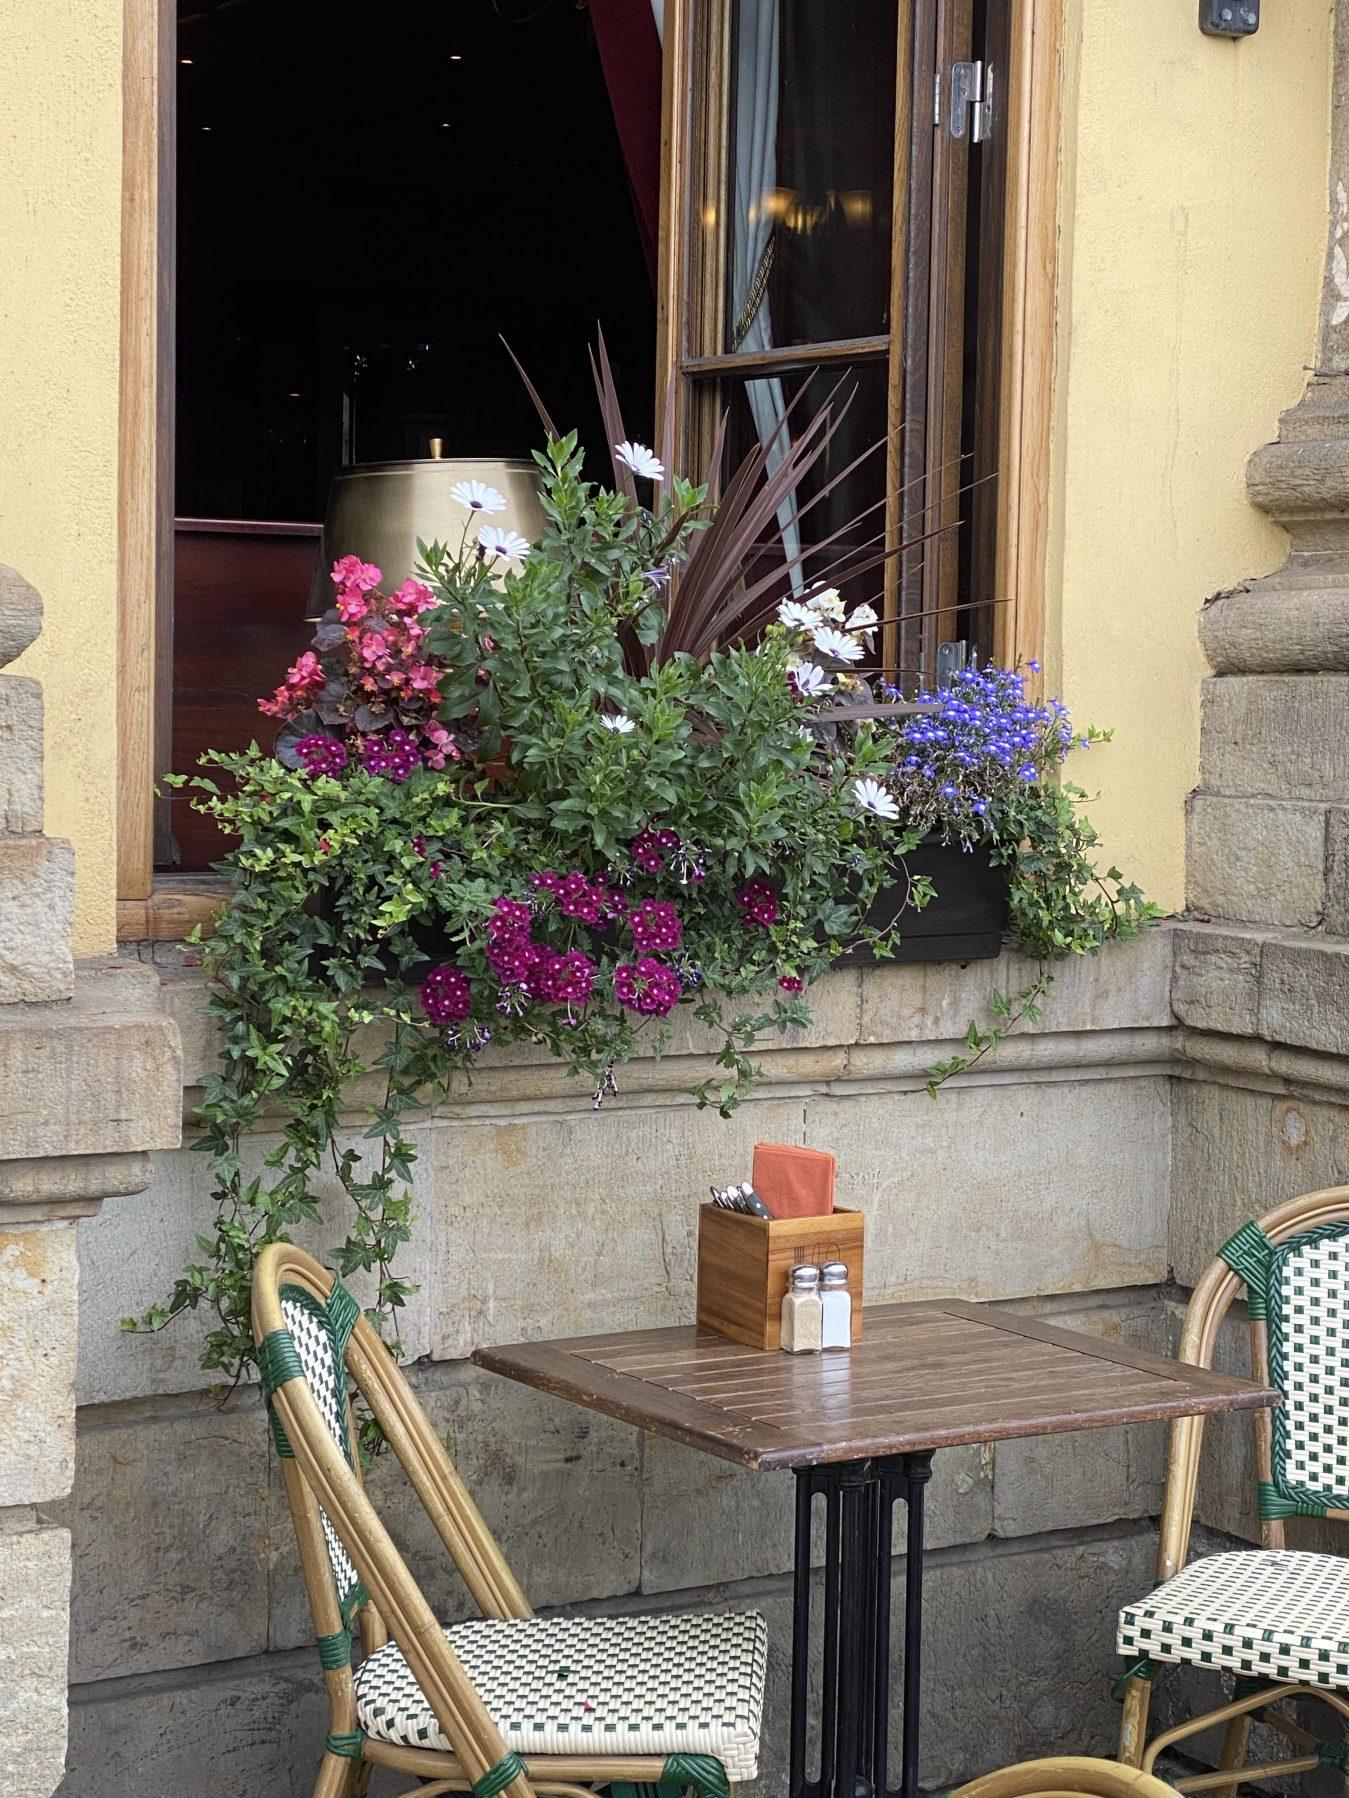 Cafe Göteborg